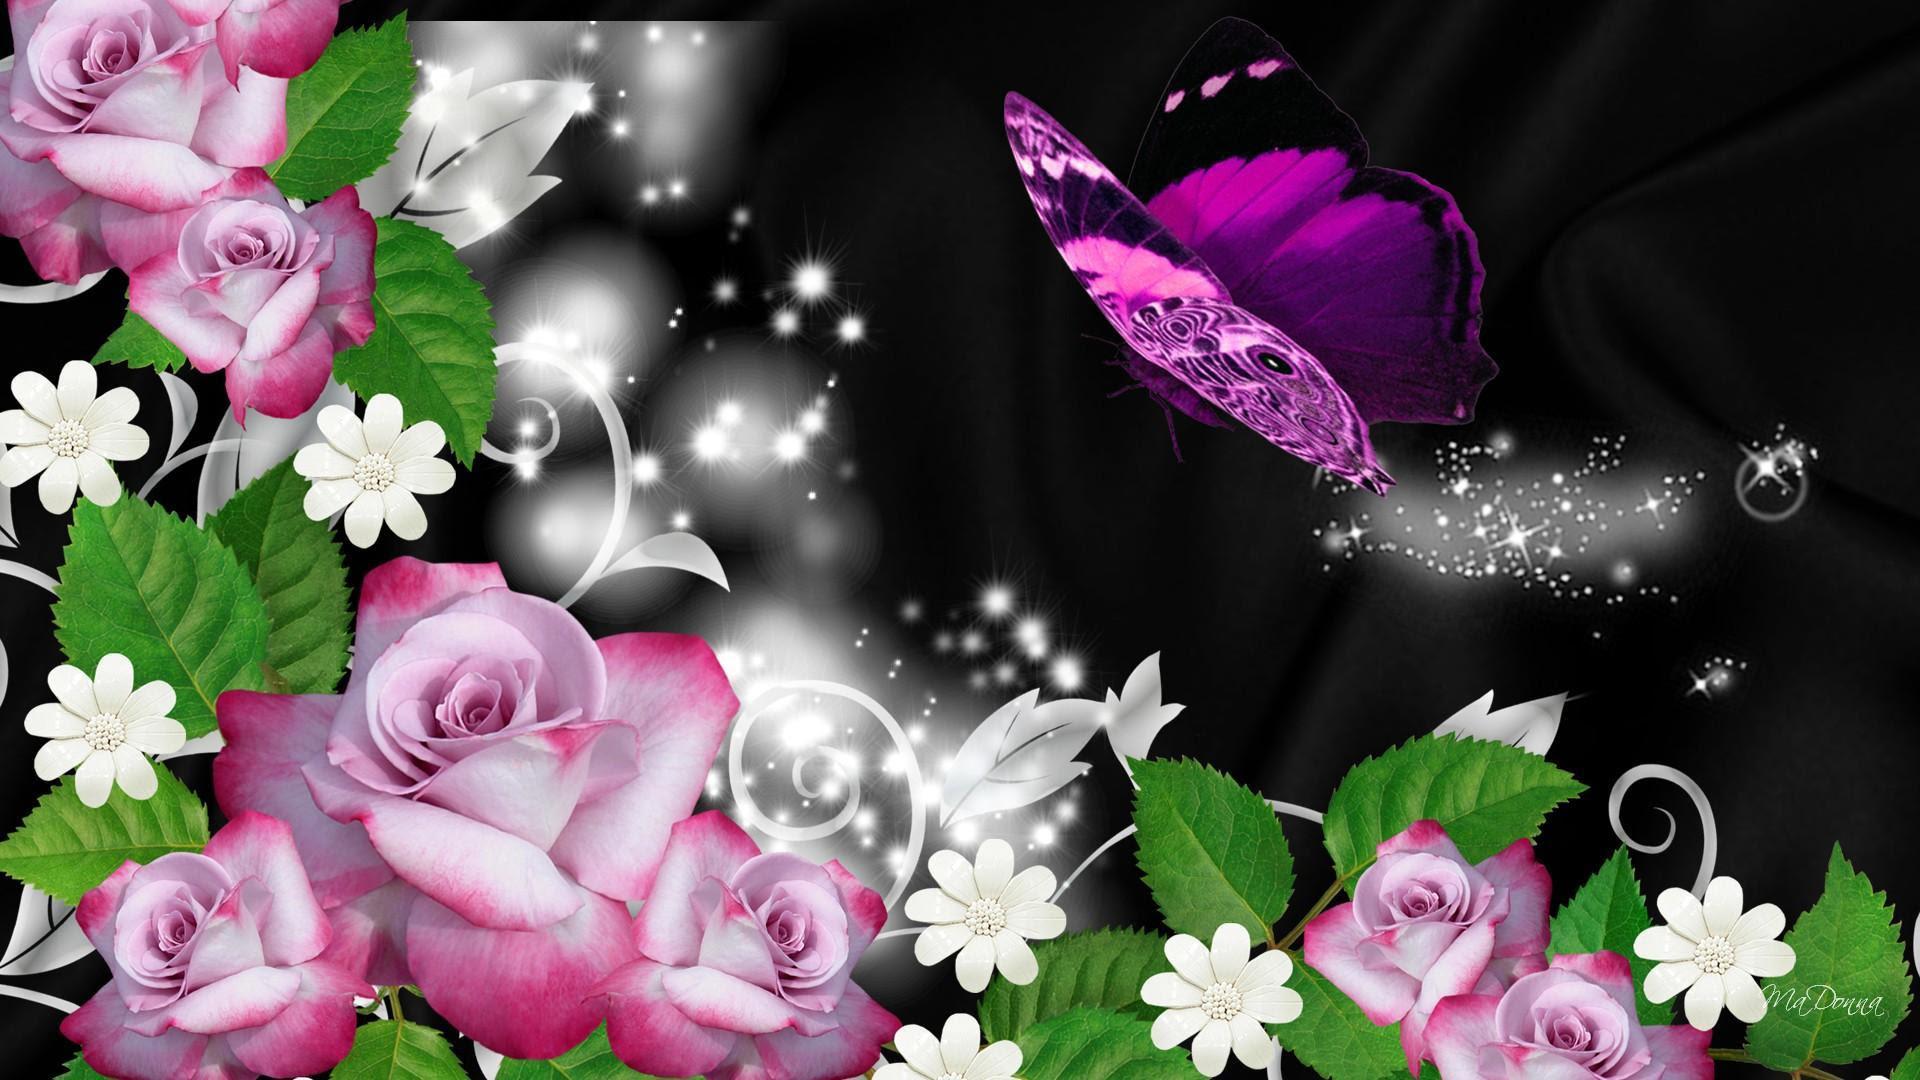 Sparkle Butterfly Trail HD desktop wallpaper : Widescreen ...